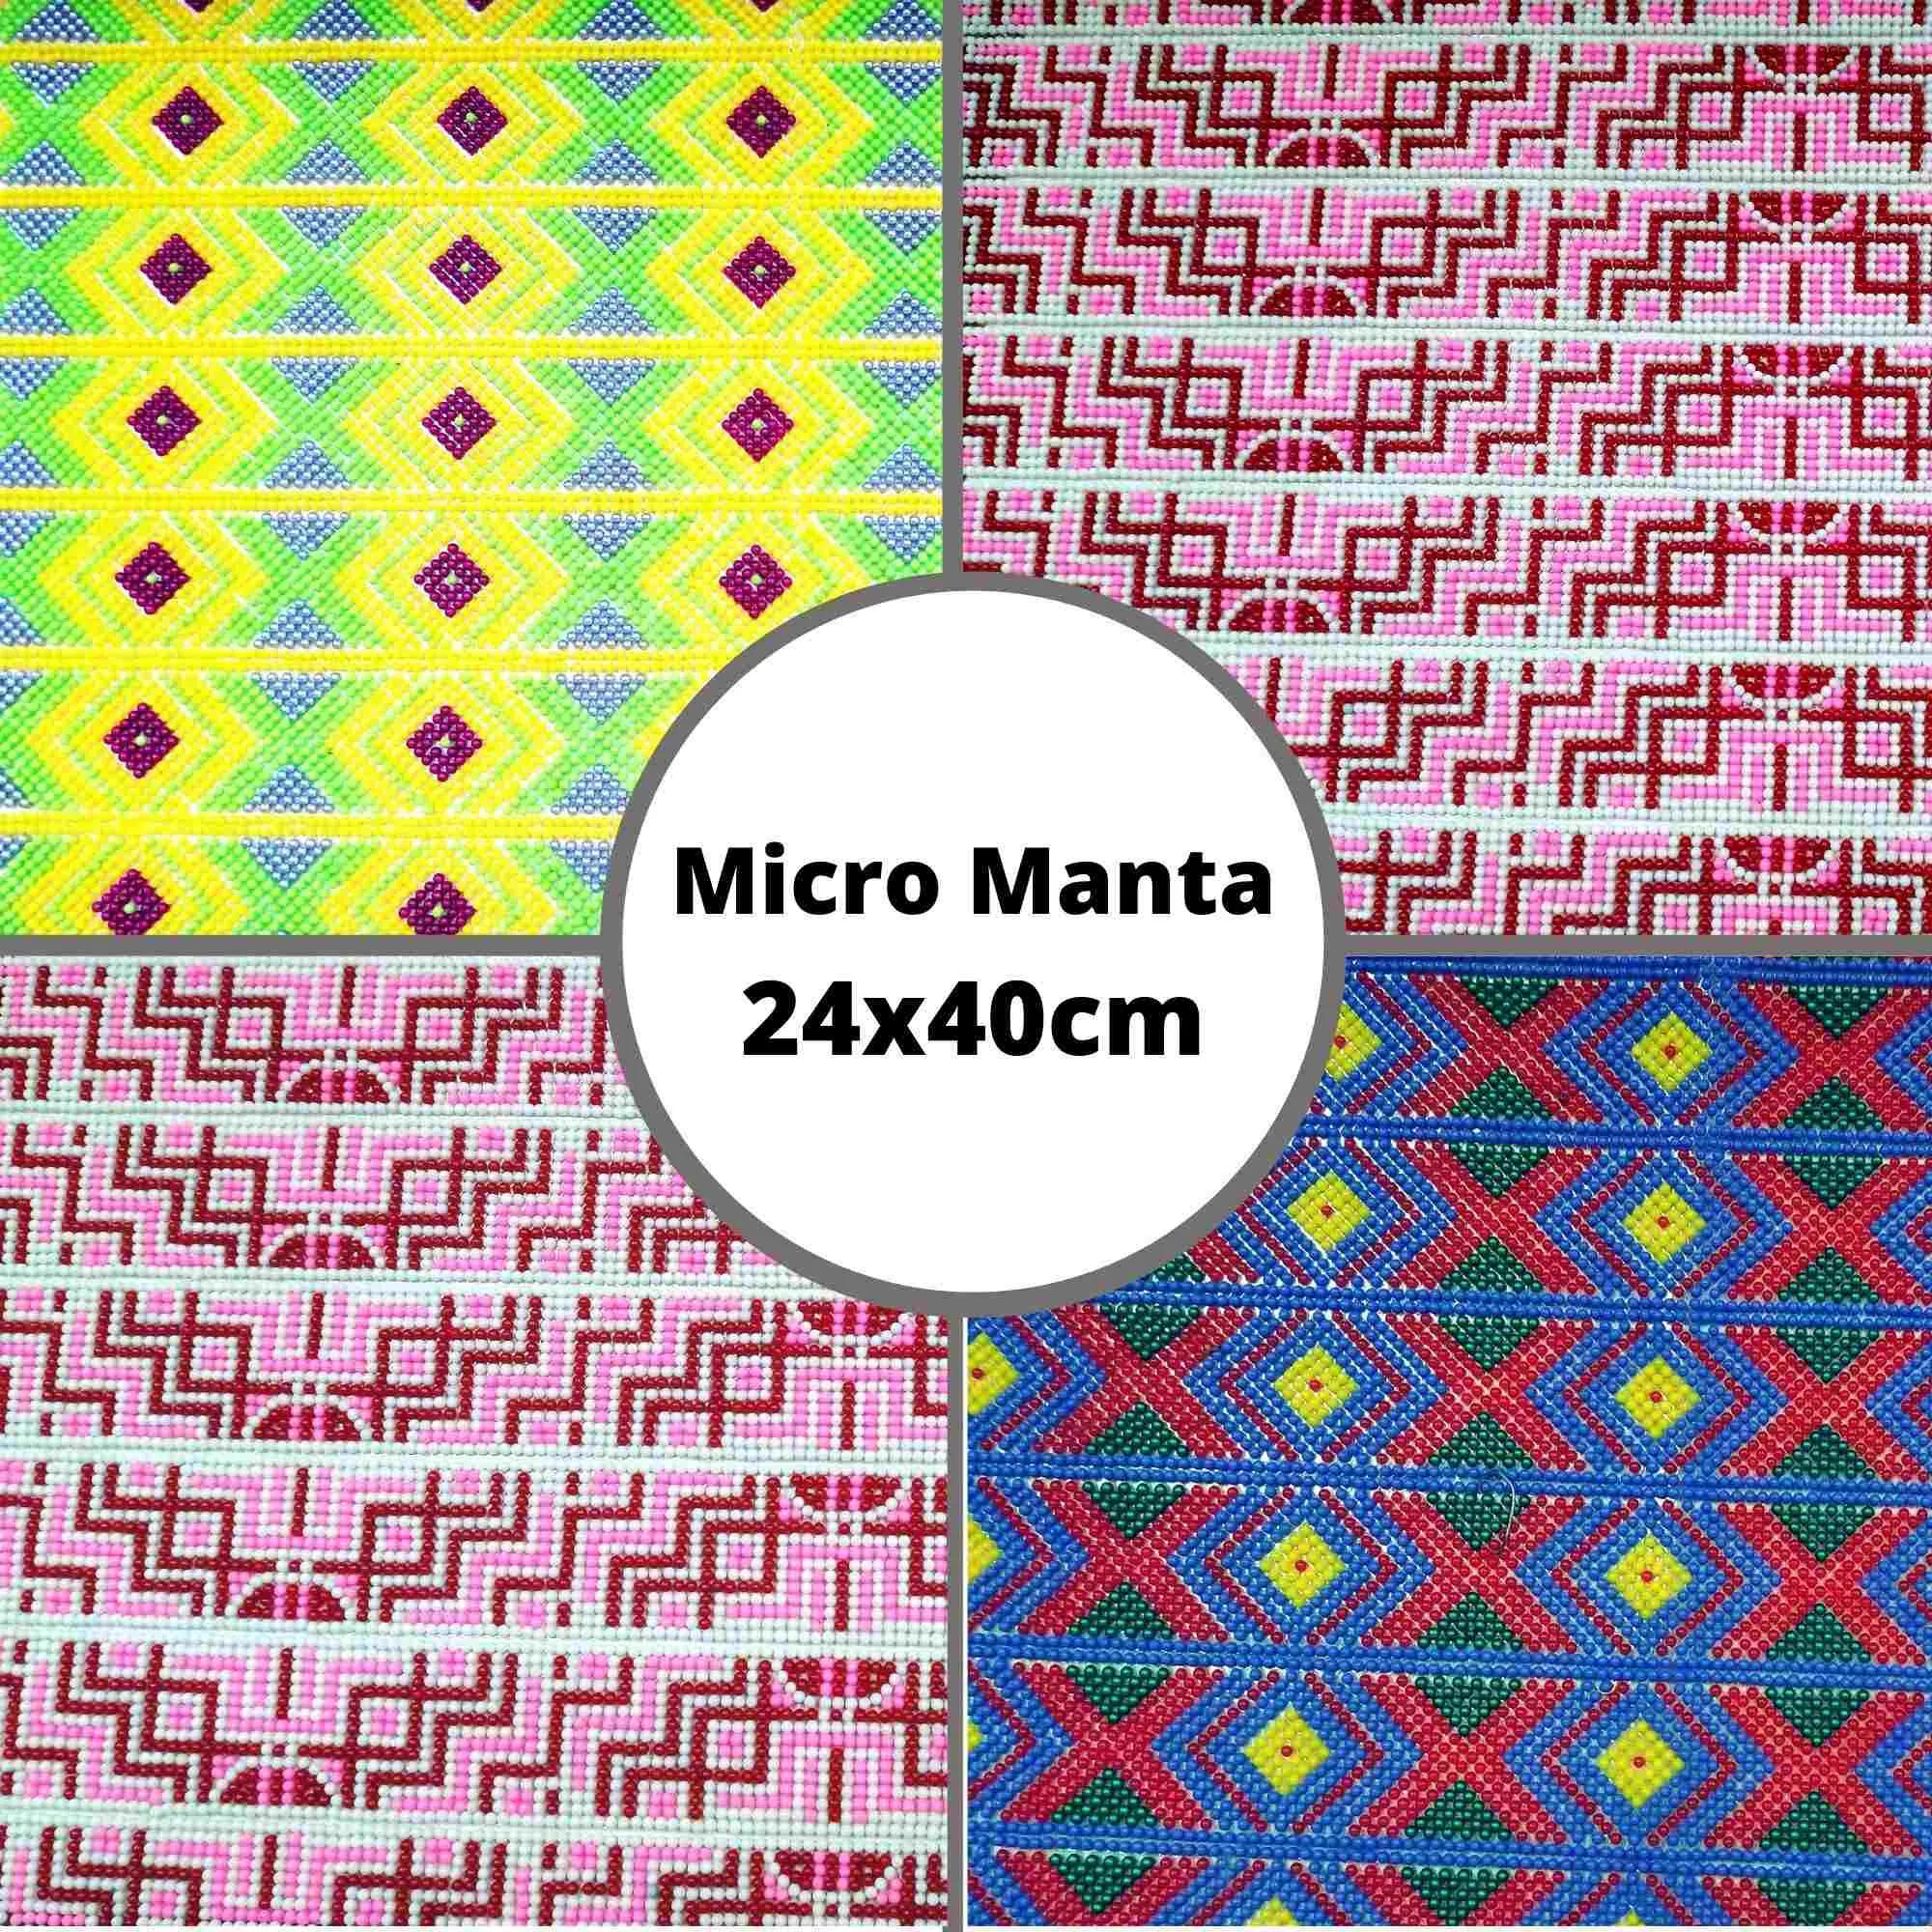 Micro Manta Caviar - Tamanho 24x40cm - 1 unidade